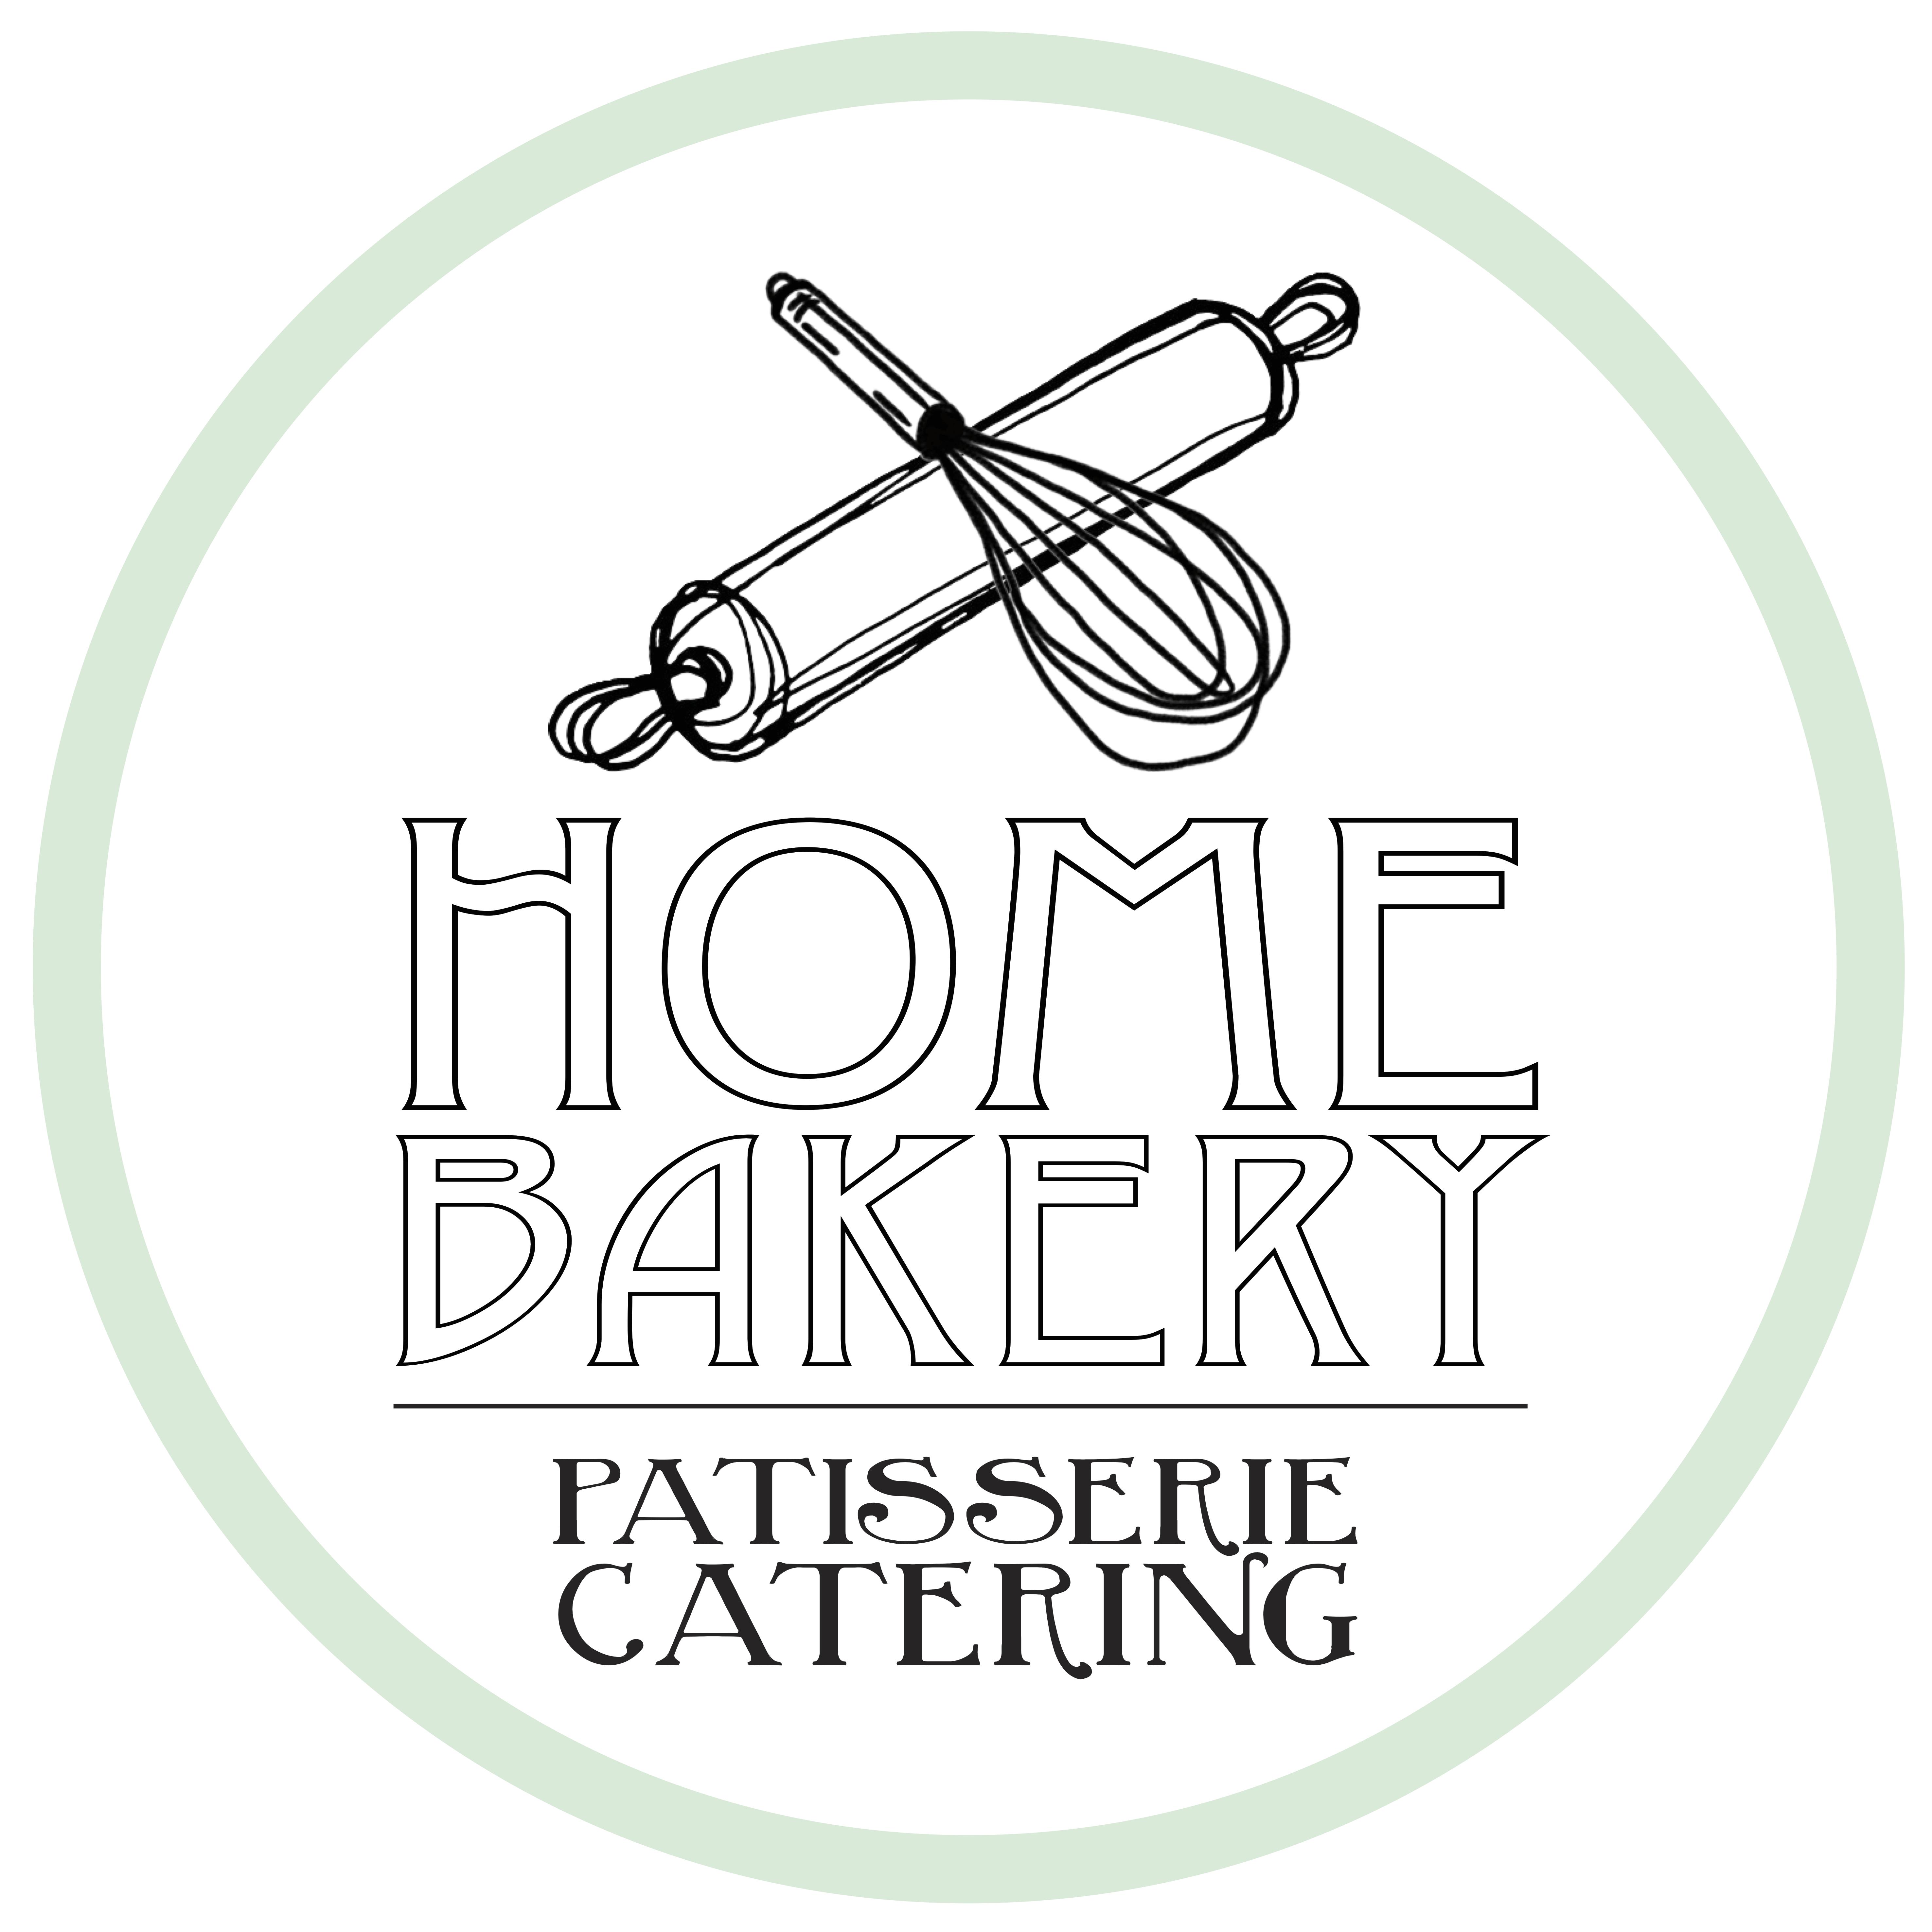 Home Bakery Ulus